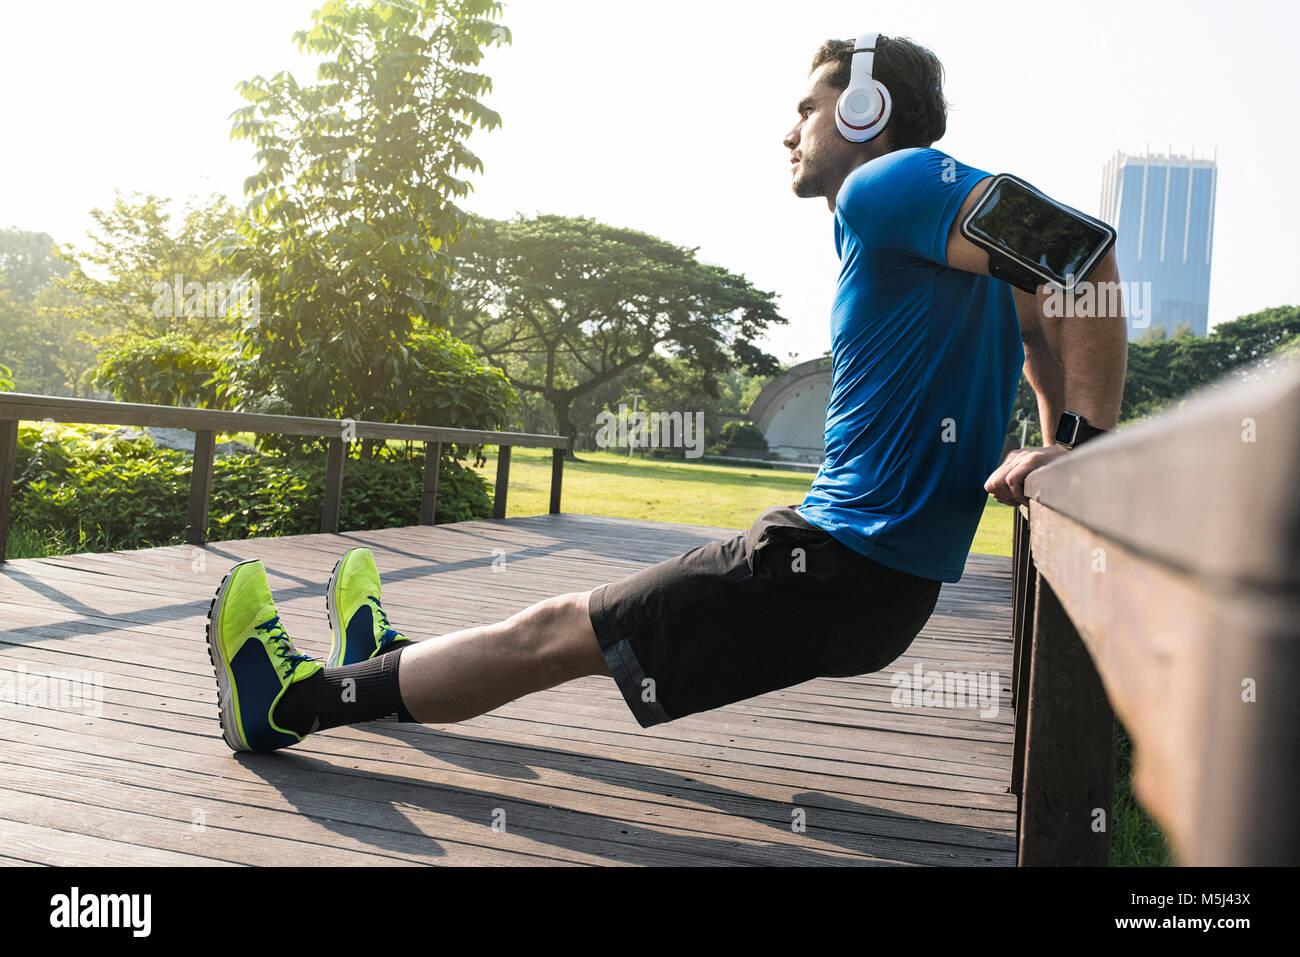 Runner con cuffie facendo push-up nel parco urbano Immagini Stock